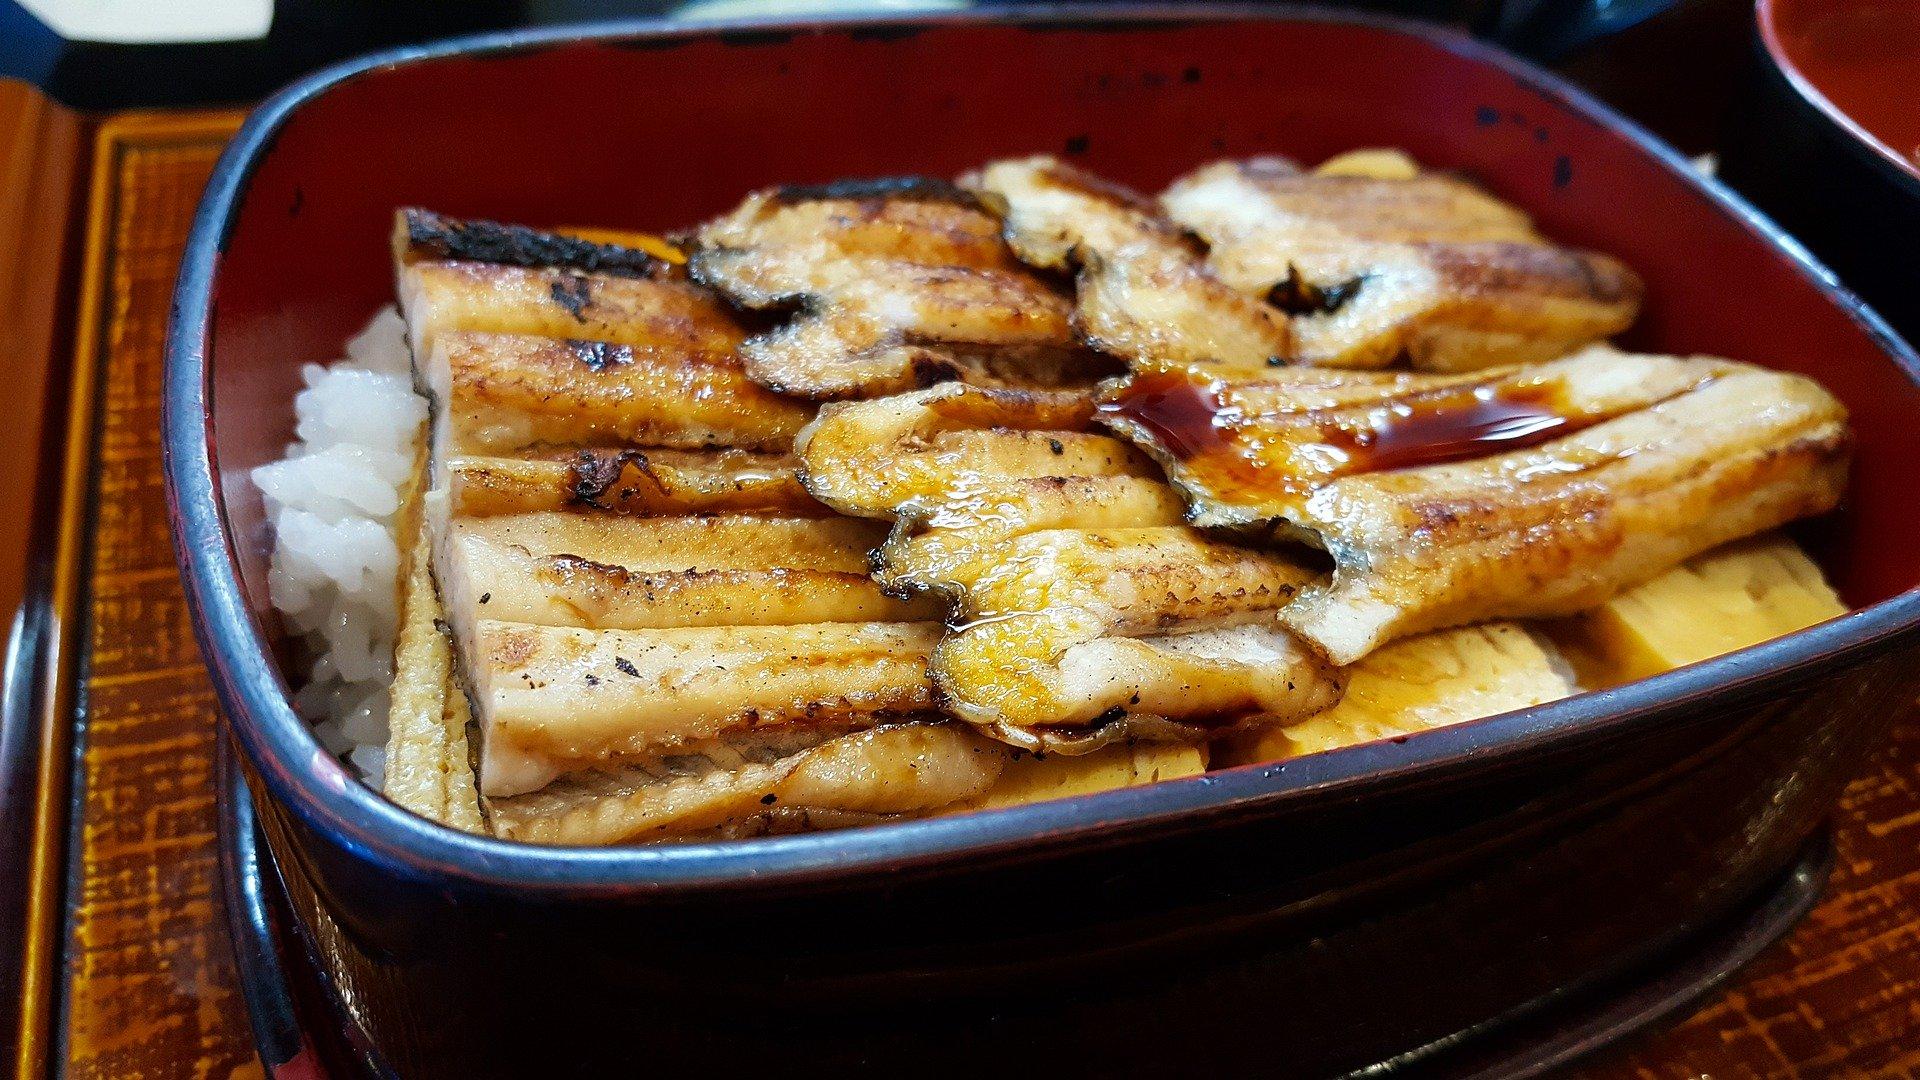 Una safata amb anguiles i arròs | Pixabay